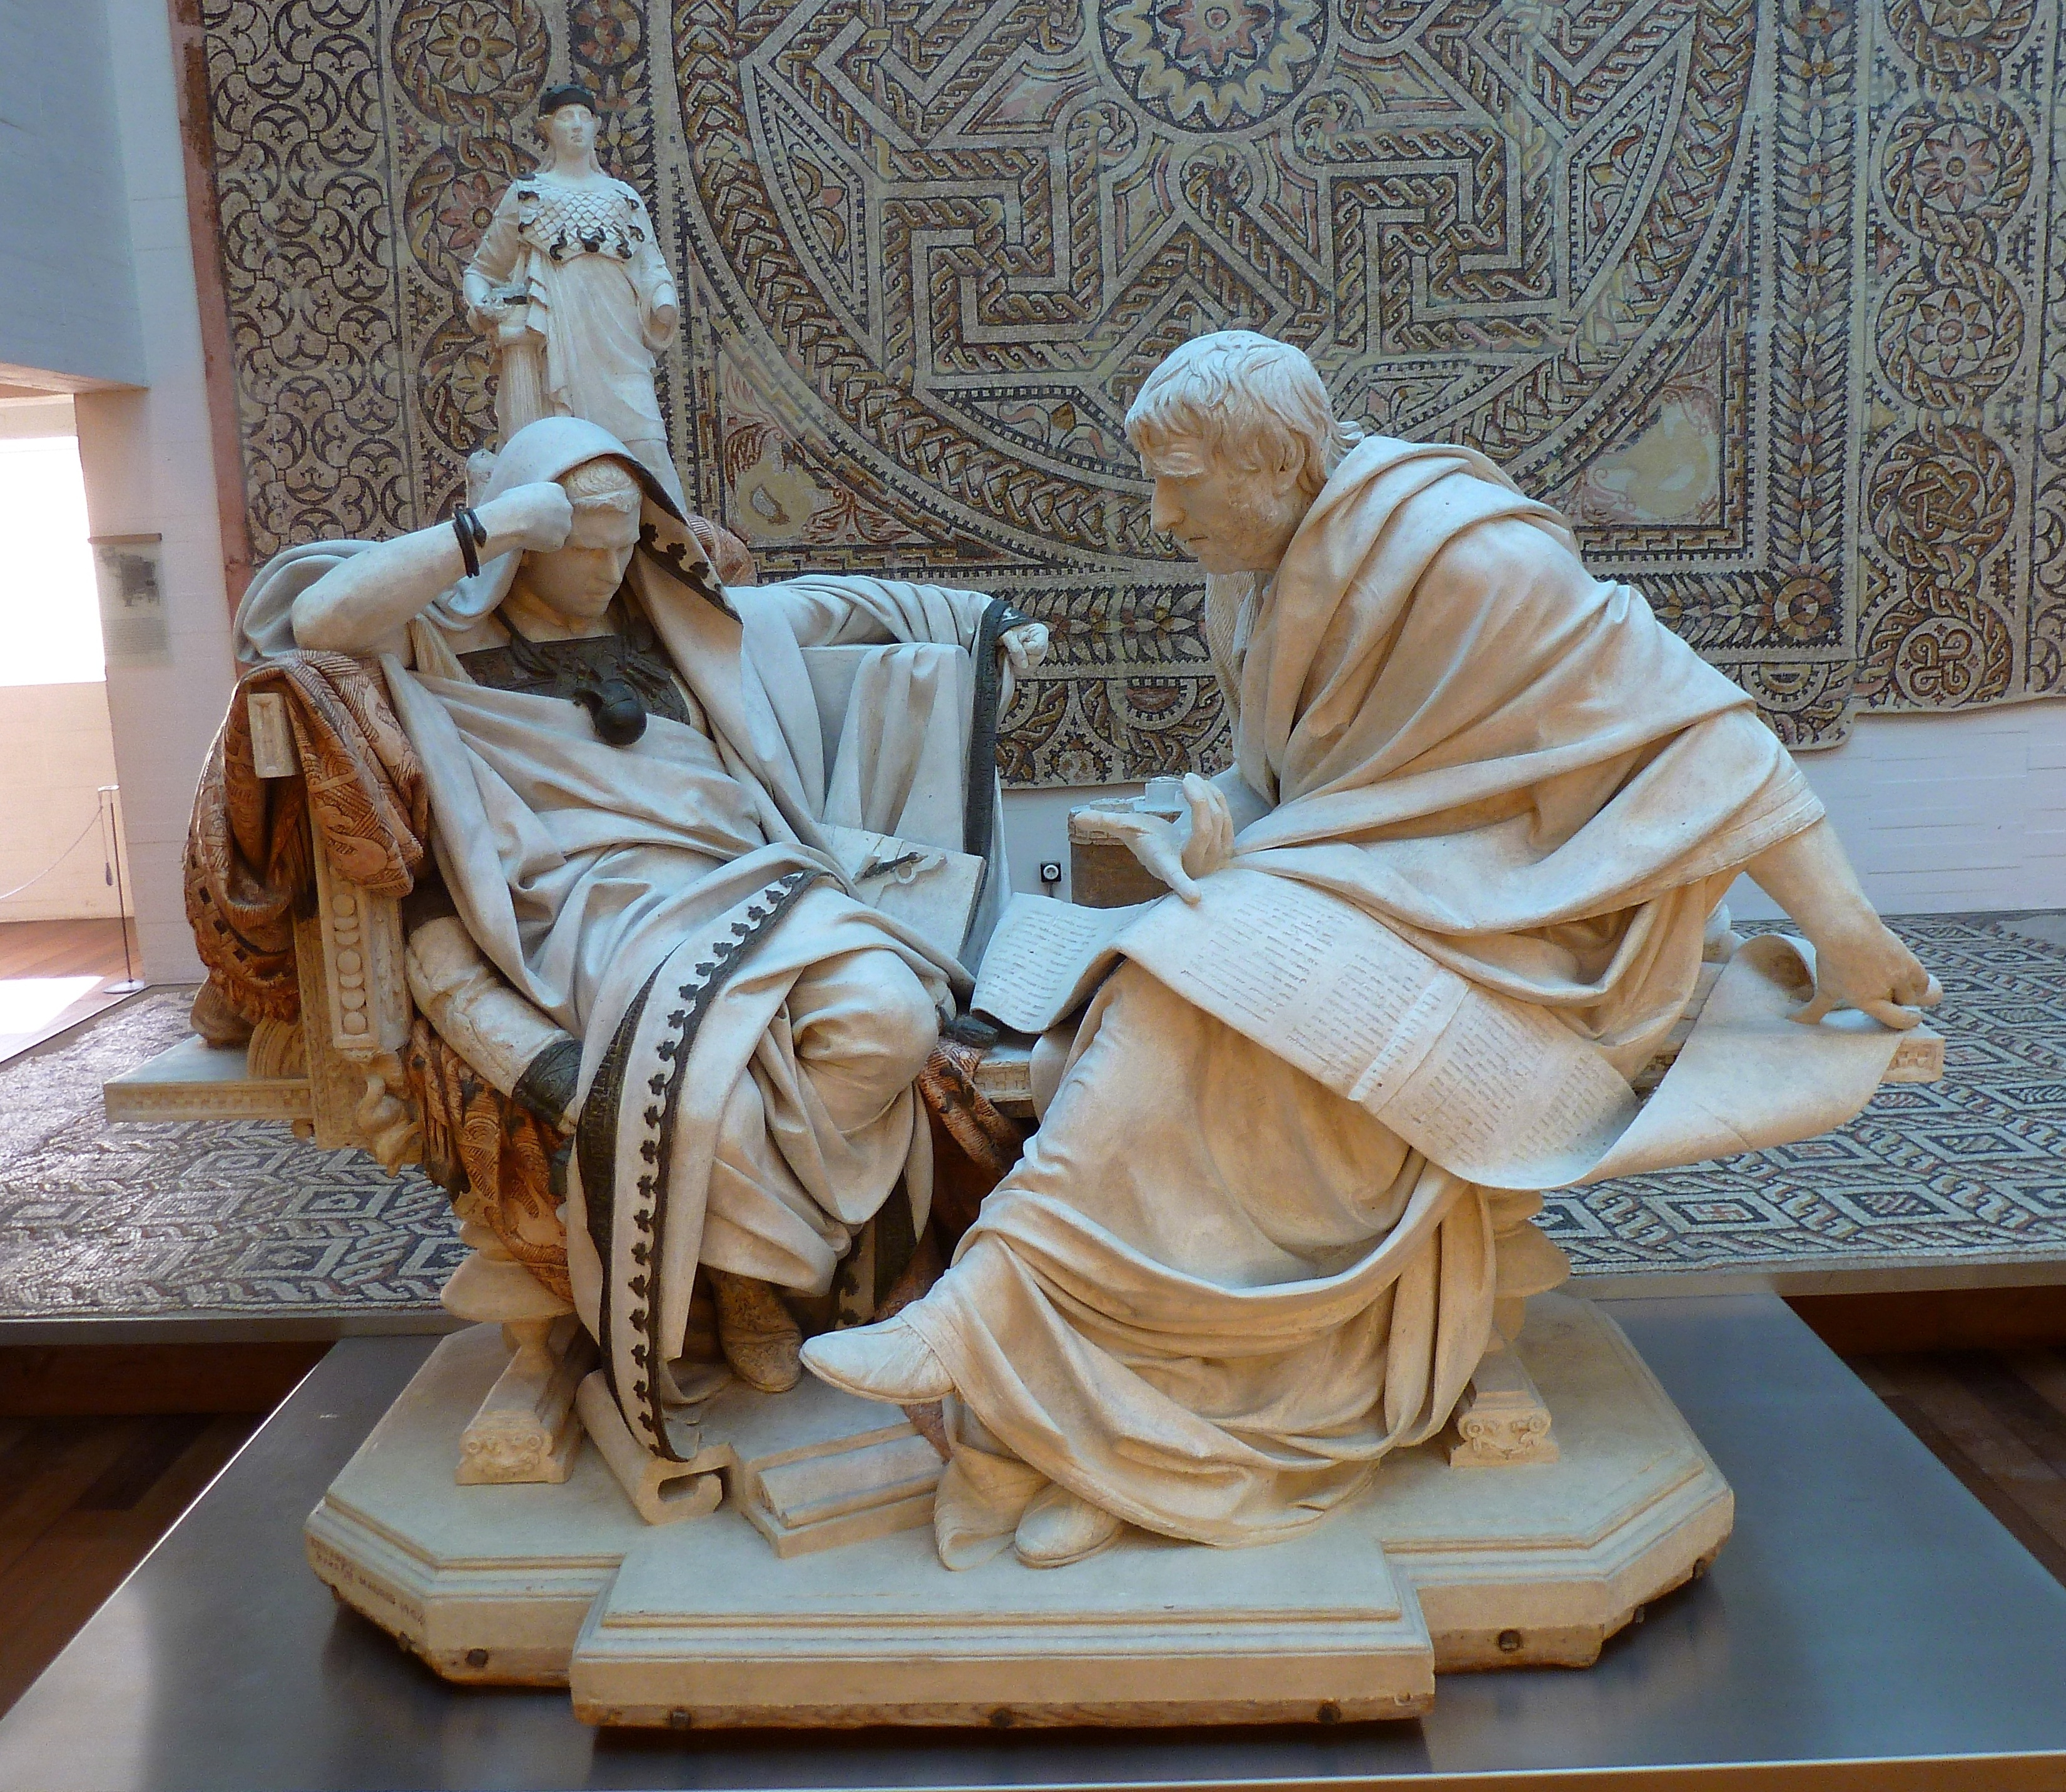 Errare humanum est, Seneca